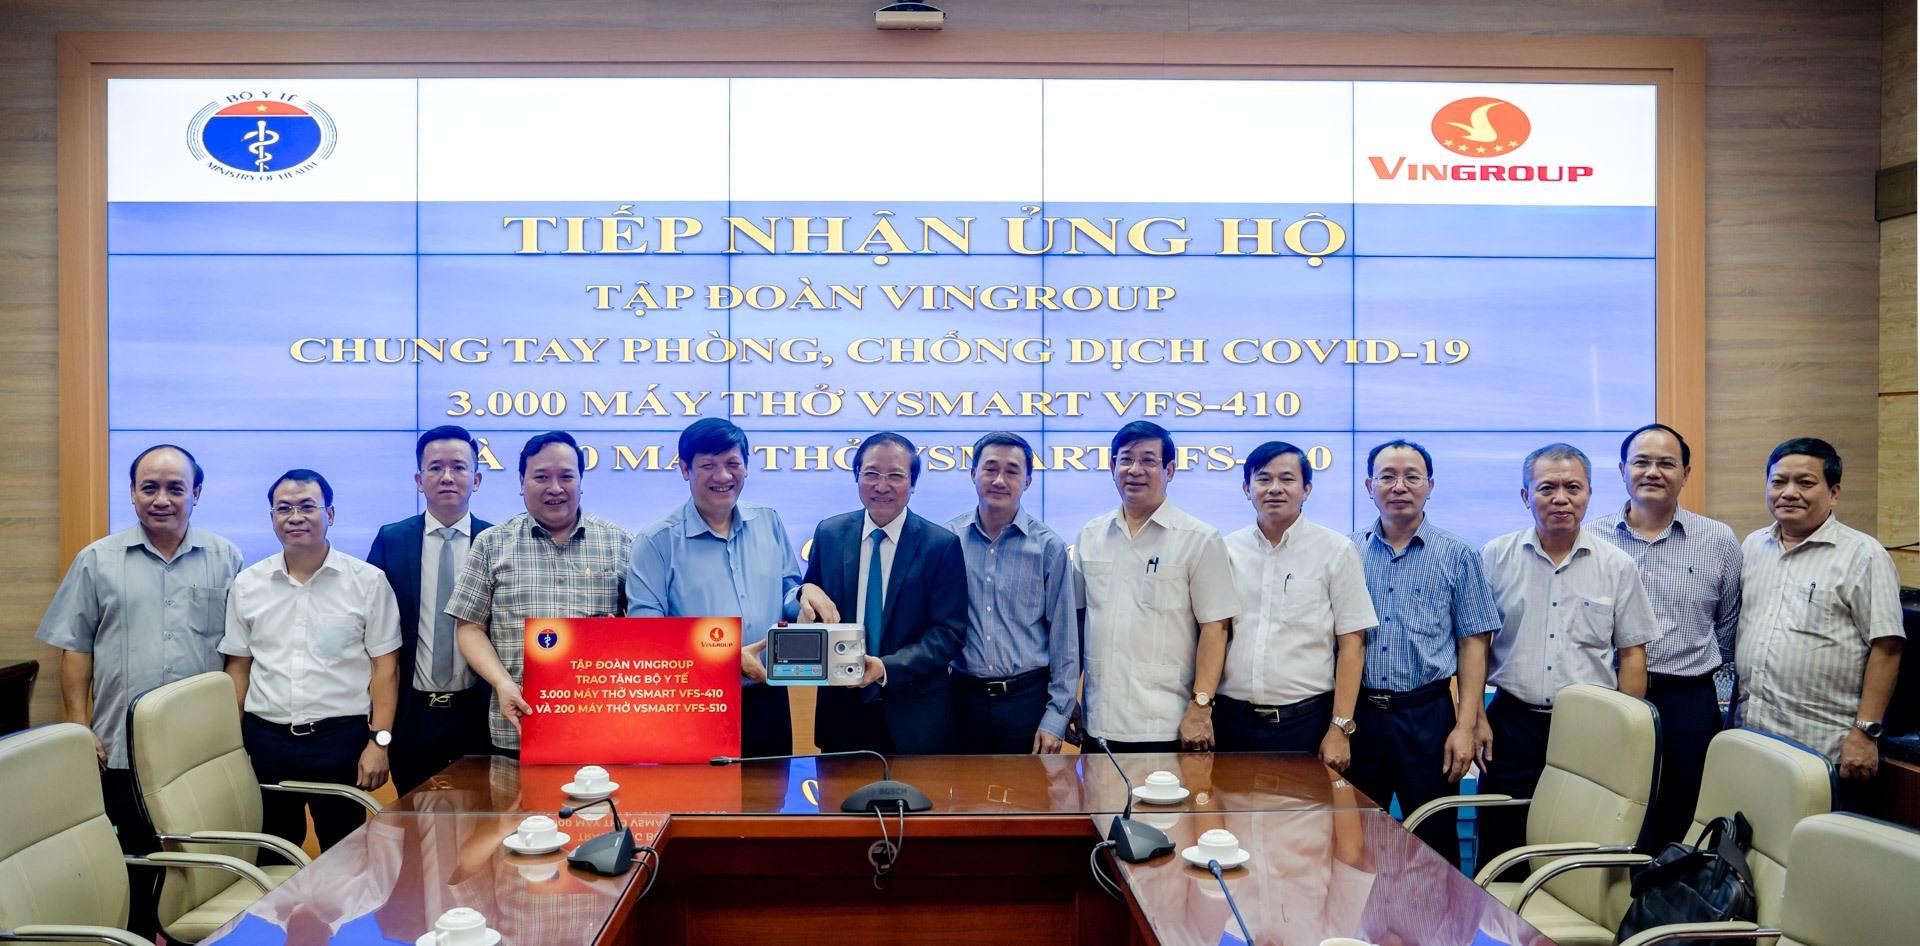 Đại diện Tập đoàn Vingroup trao tặng Bộ Y tế 3.000 máy thở Vsmart VFS-410 và 200 máy thở Vsmart VFS-510.